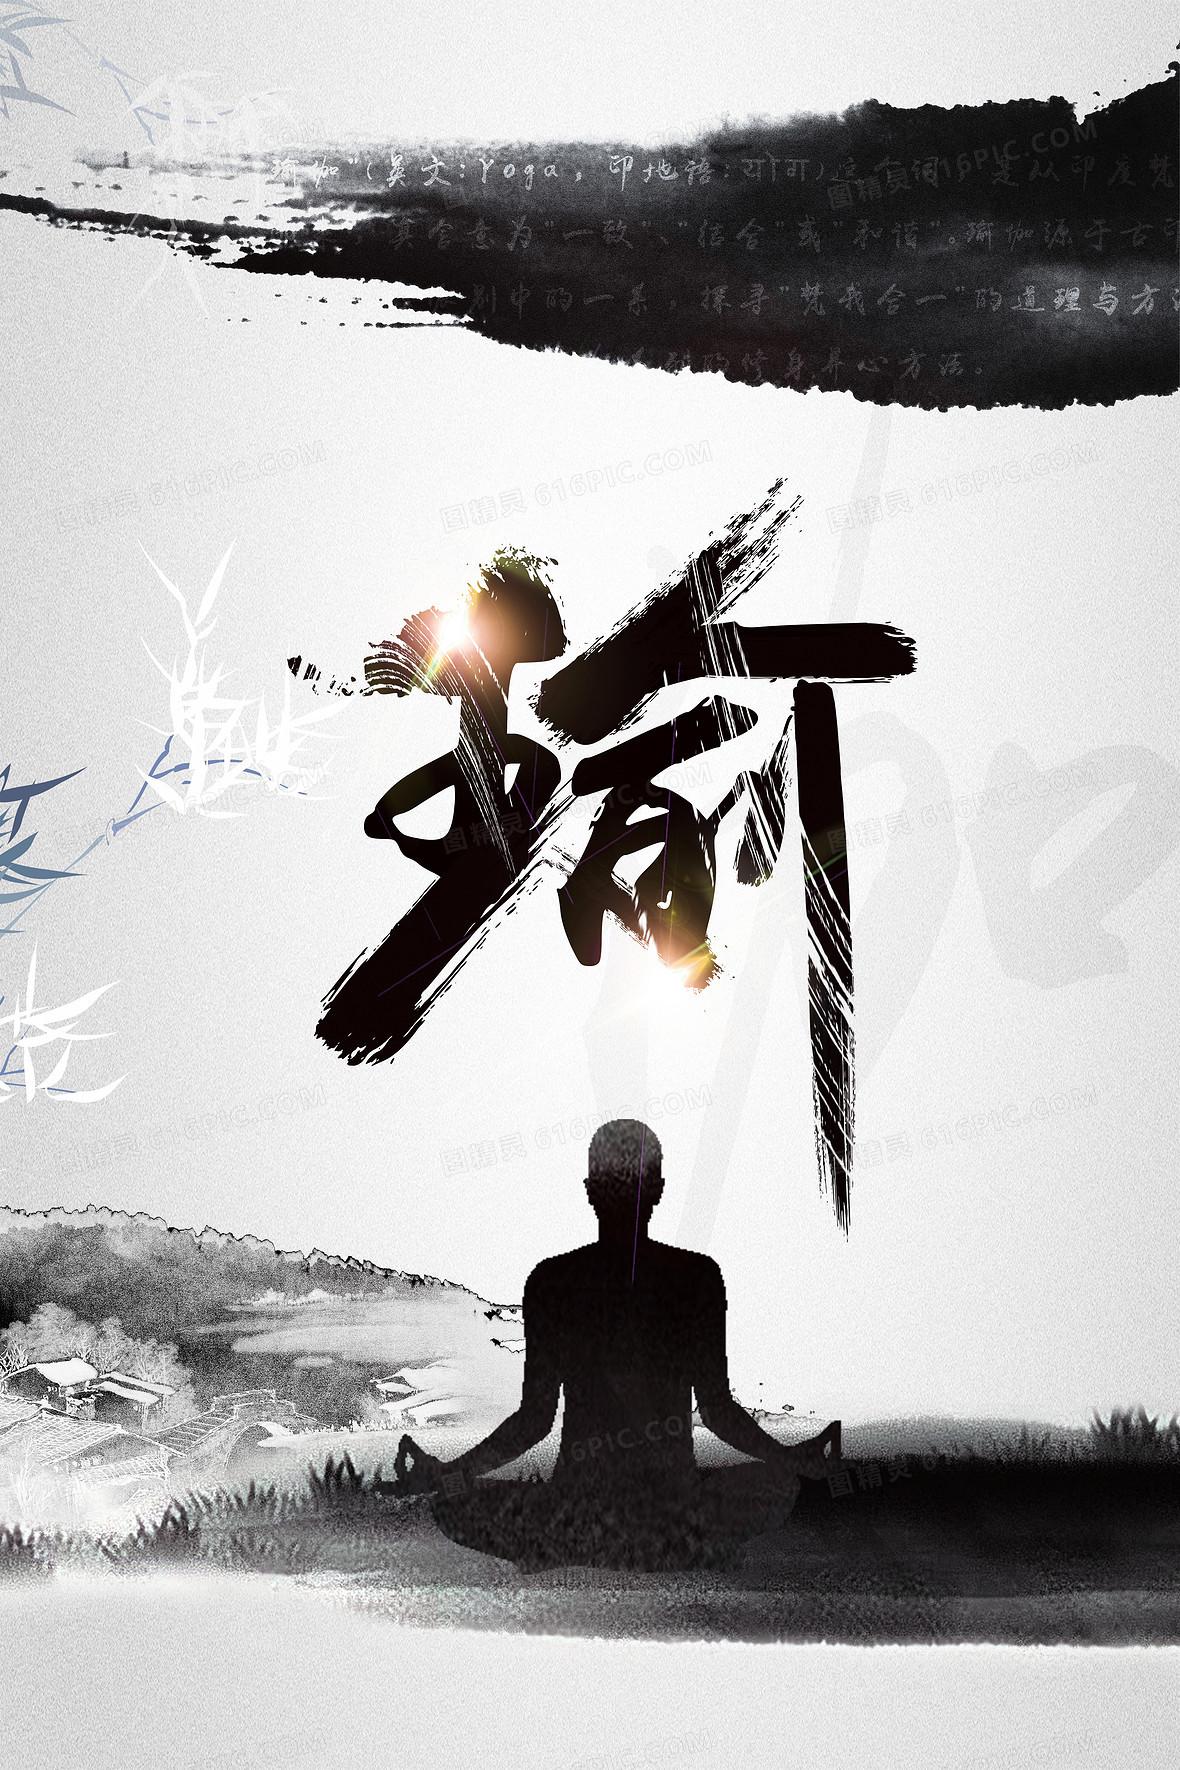 瑜伽水墨海报背景素材